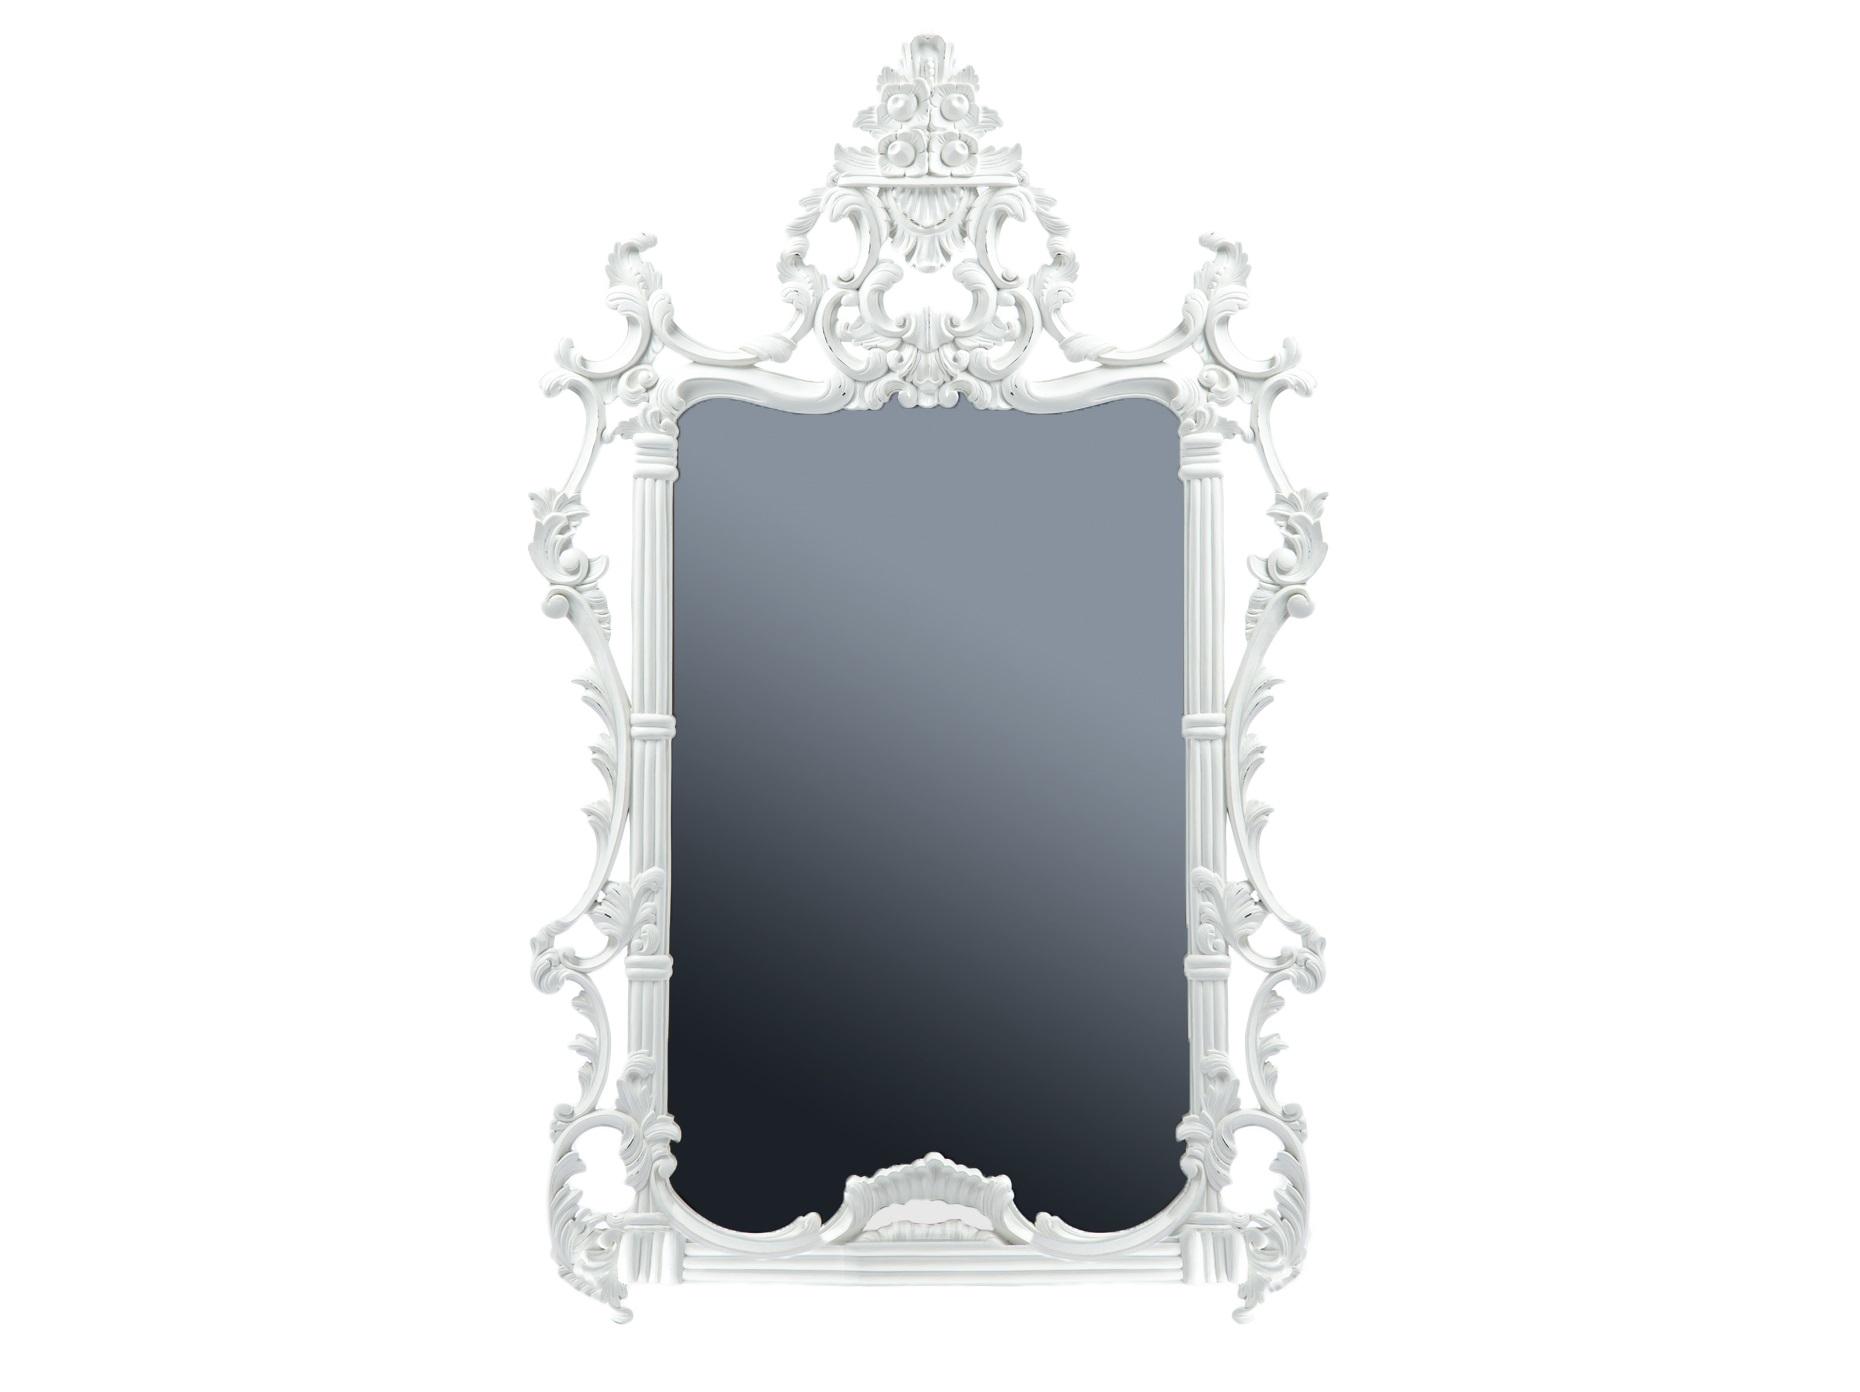 Зеркало НаполеонНастенные зеркала<br>Зеркало в раме из дерева махагони, украшенной резьбой и старением.<br><br>Material: Красное дерево<br>Width см: 96<br>Depth см: 4<br>Height см: 155